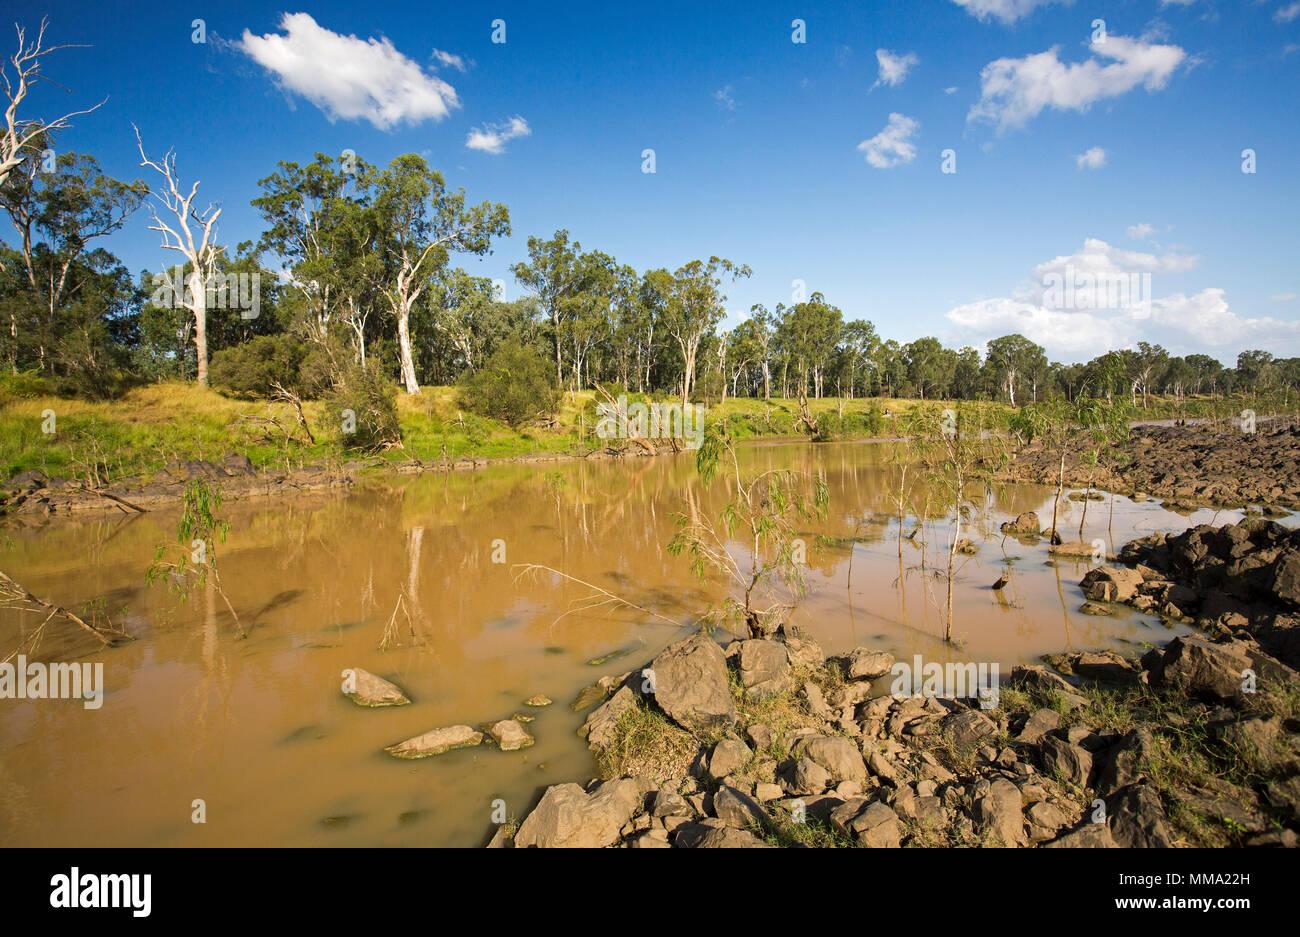 Colorido paisaje con aguas tranquilas del río Fitzroy un dobladillo con altos árboles y césped esmeralda bajo un cielo azul en el centro de Queensland, Australia Imagen De Stock